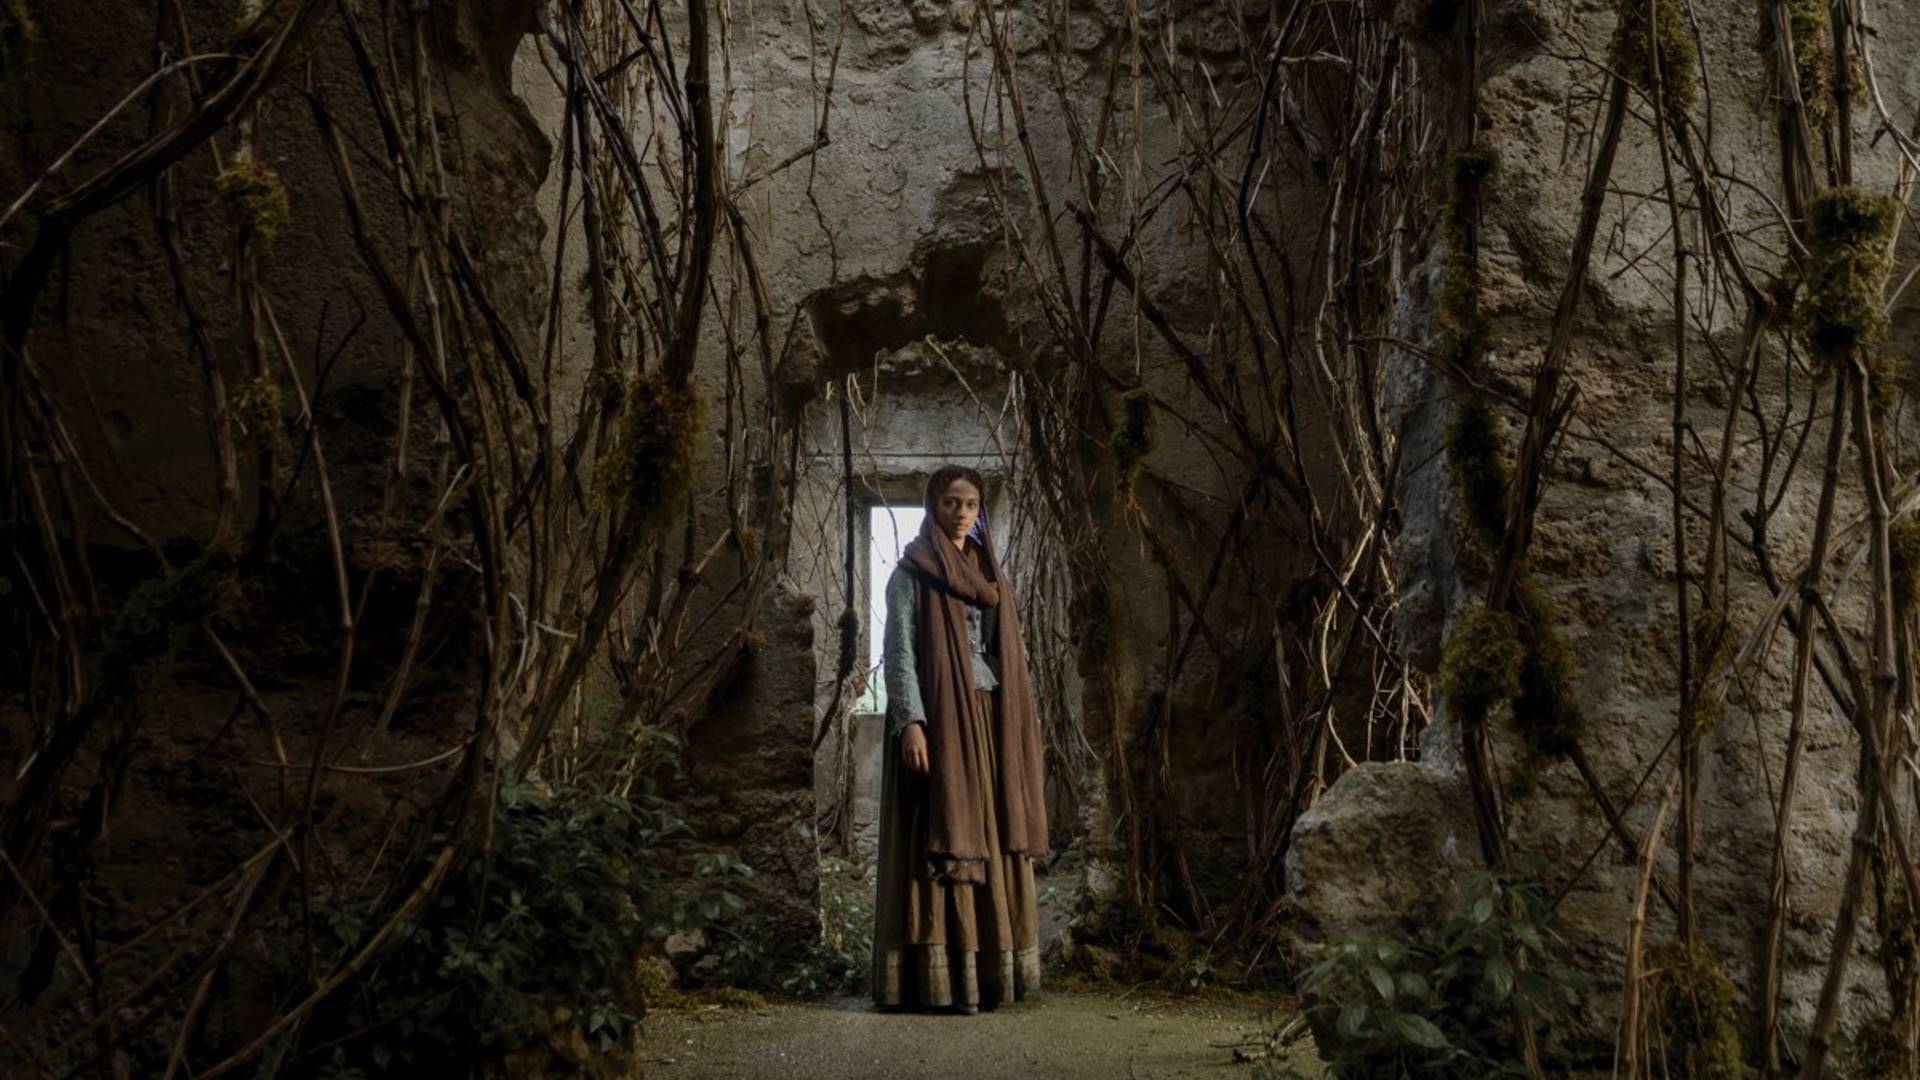 una donna vestita con una tunica marrone è all'ingresso di una grotta piena di radici - nerdface